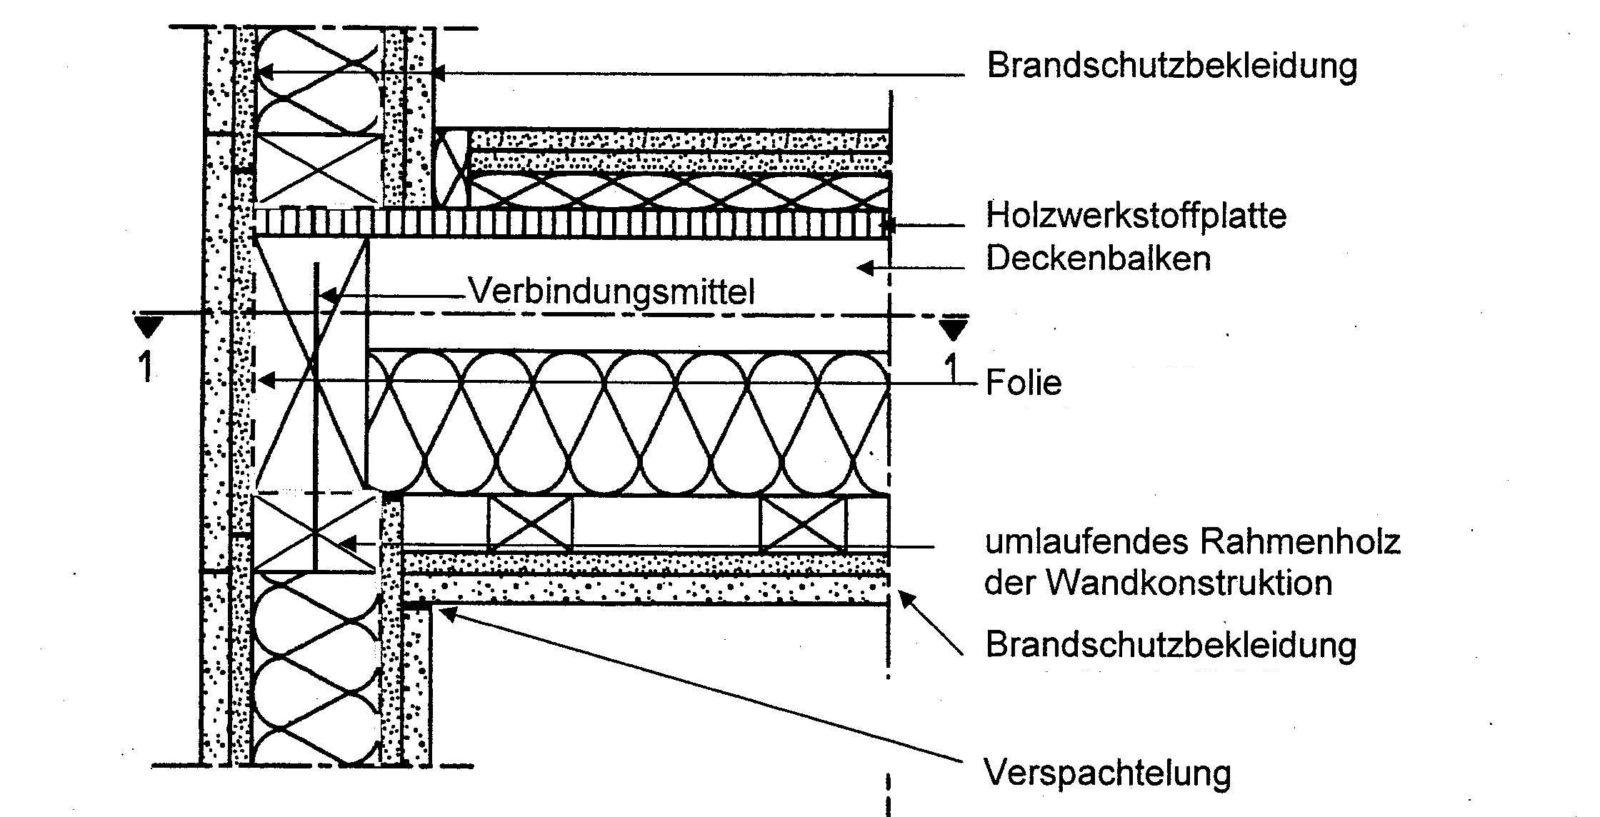 Schnitt_Erforderliche Kapselung von Holzbauteilen auf Basis der Holzbaurichtlinie_Quelle_M-HFHHolzR